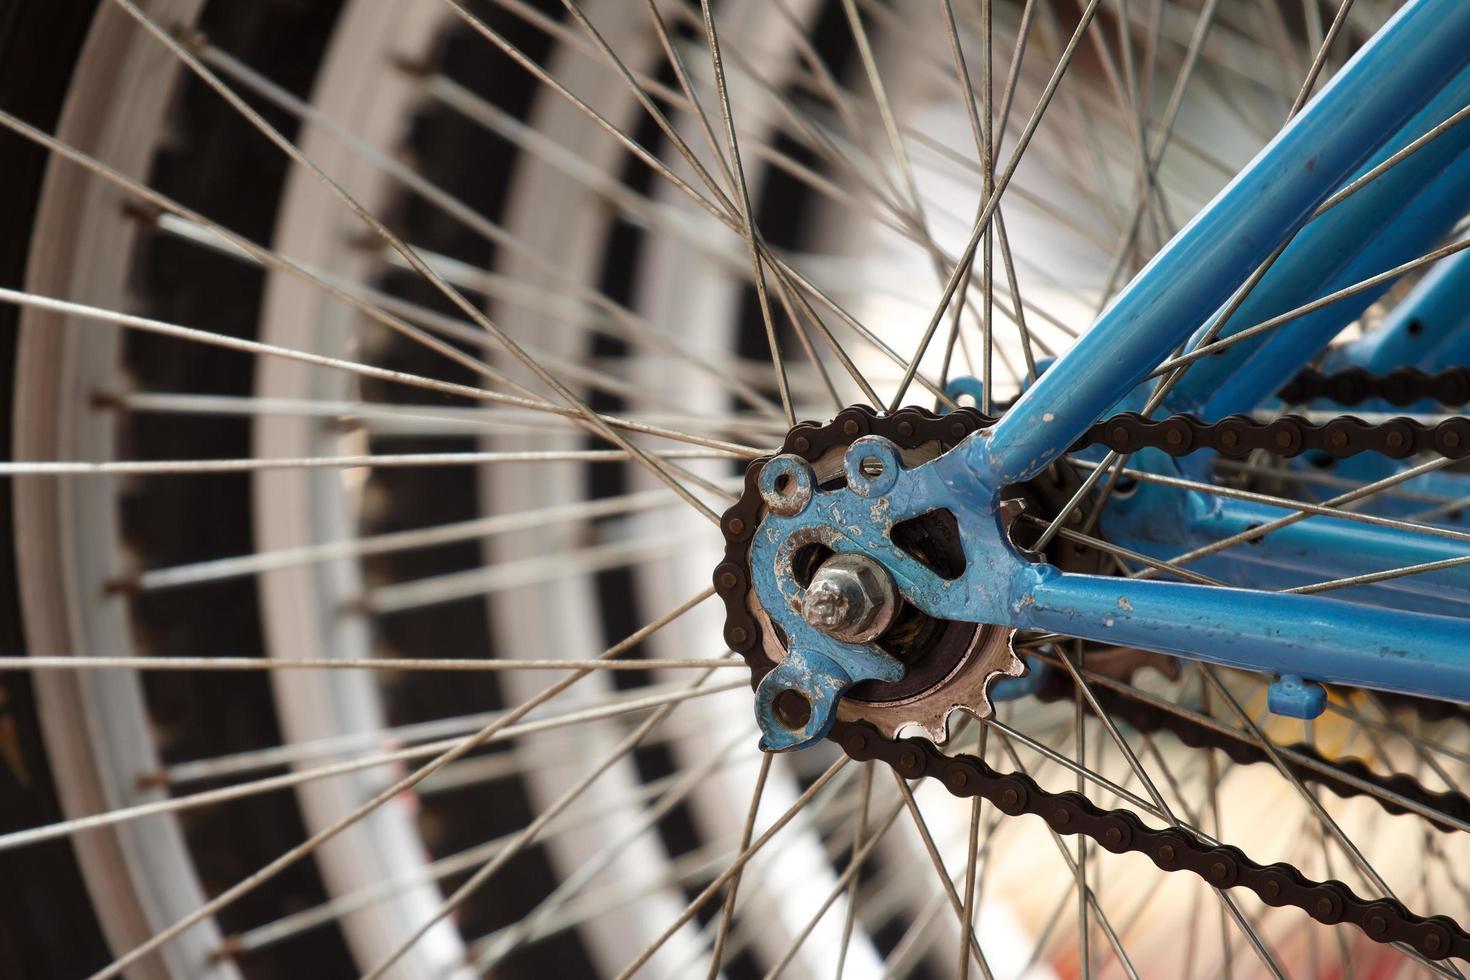 Fahrradradspeichen foto